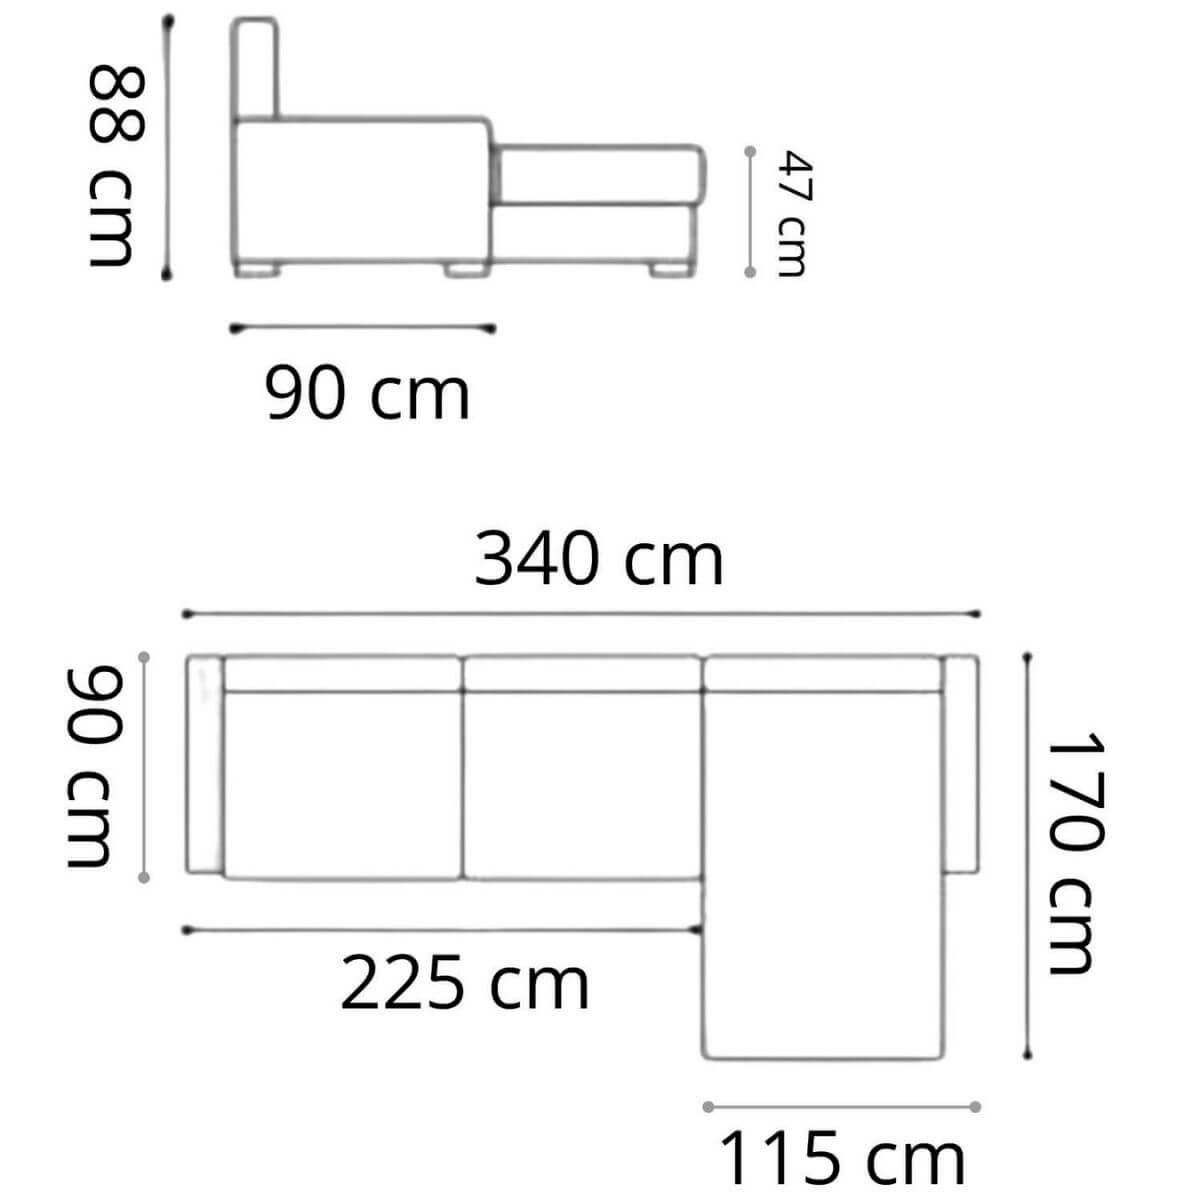 Sofá Chaise de Couro 4 Lugares 340cm Canadá LE Pronta Entrega  - Formato Móveis e Decorações